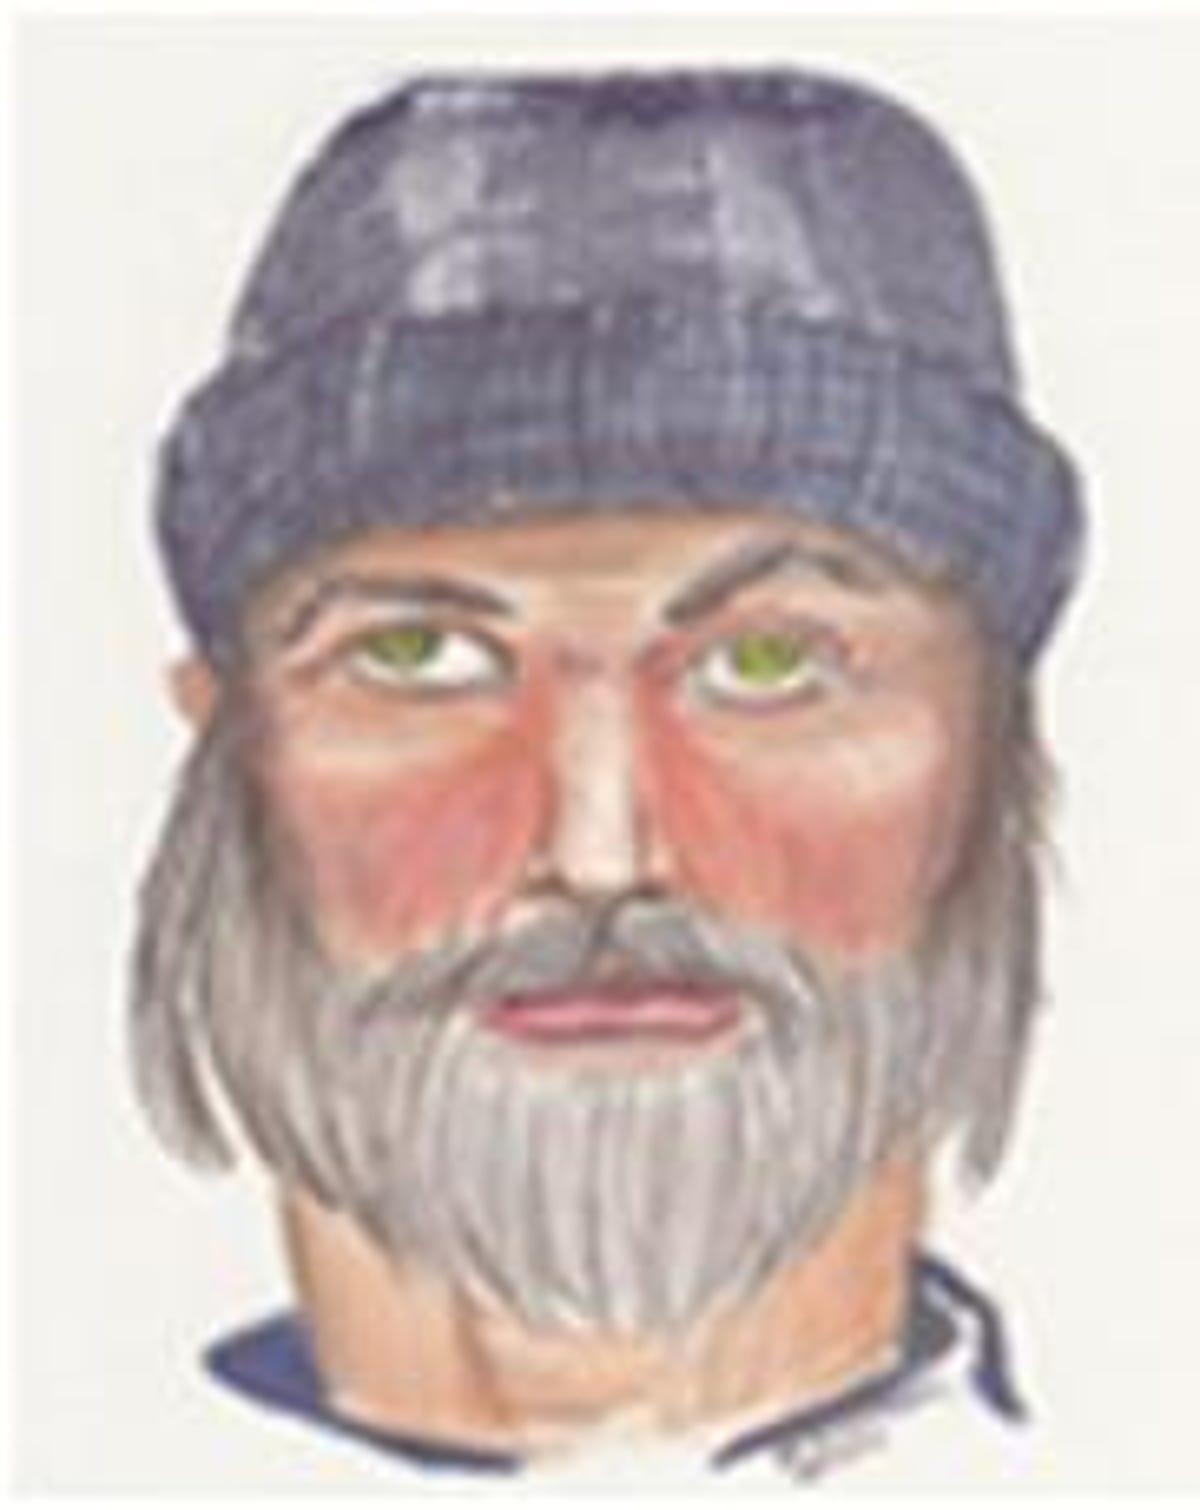 The I-65 Killer: An Indiana / Kentucky serial killer still runs loose